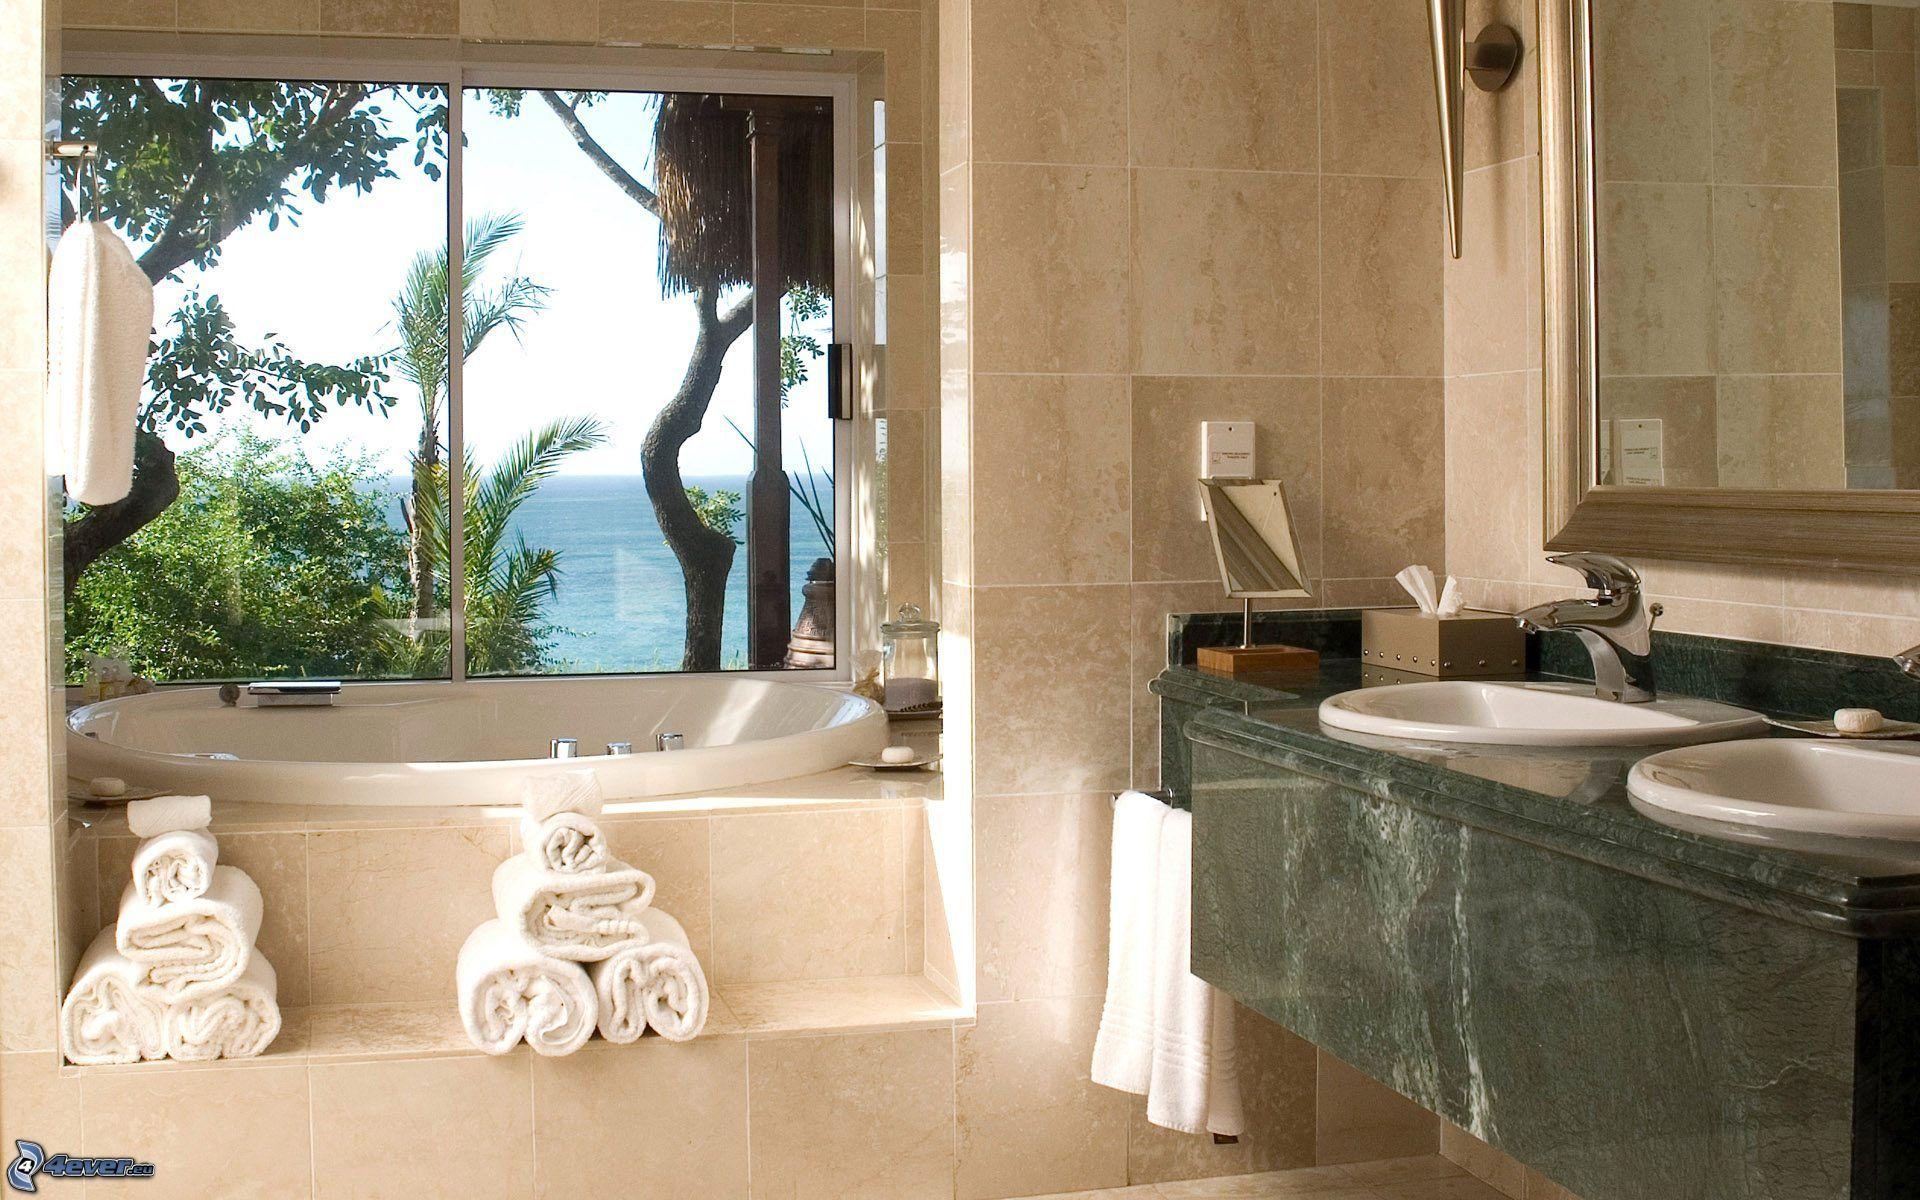 Baños Con Vista Al Mar:cuarto-de-bano,-bano,-lavabos,-vista-al-mar-192797jpg